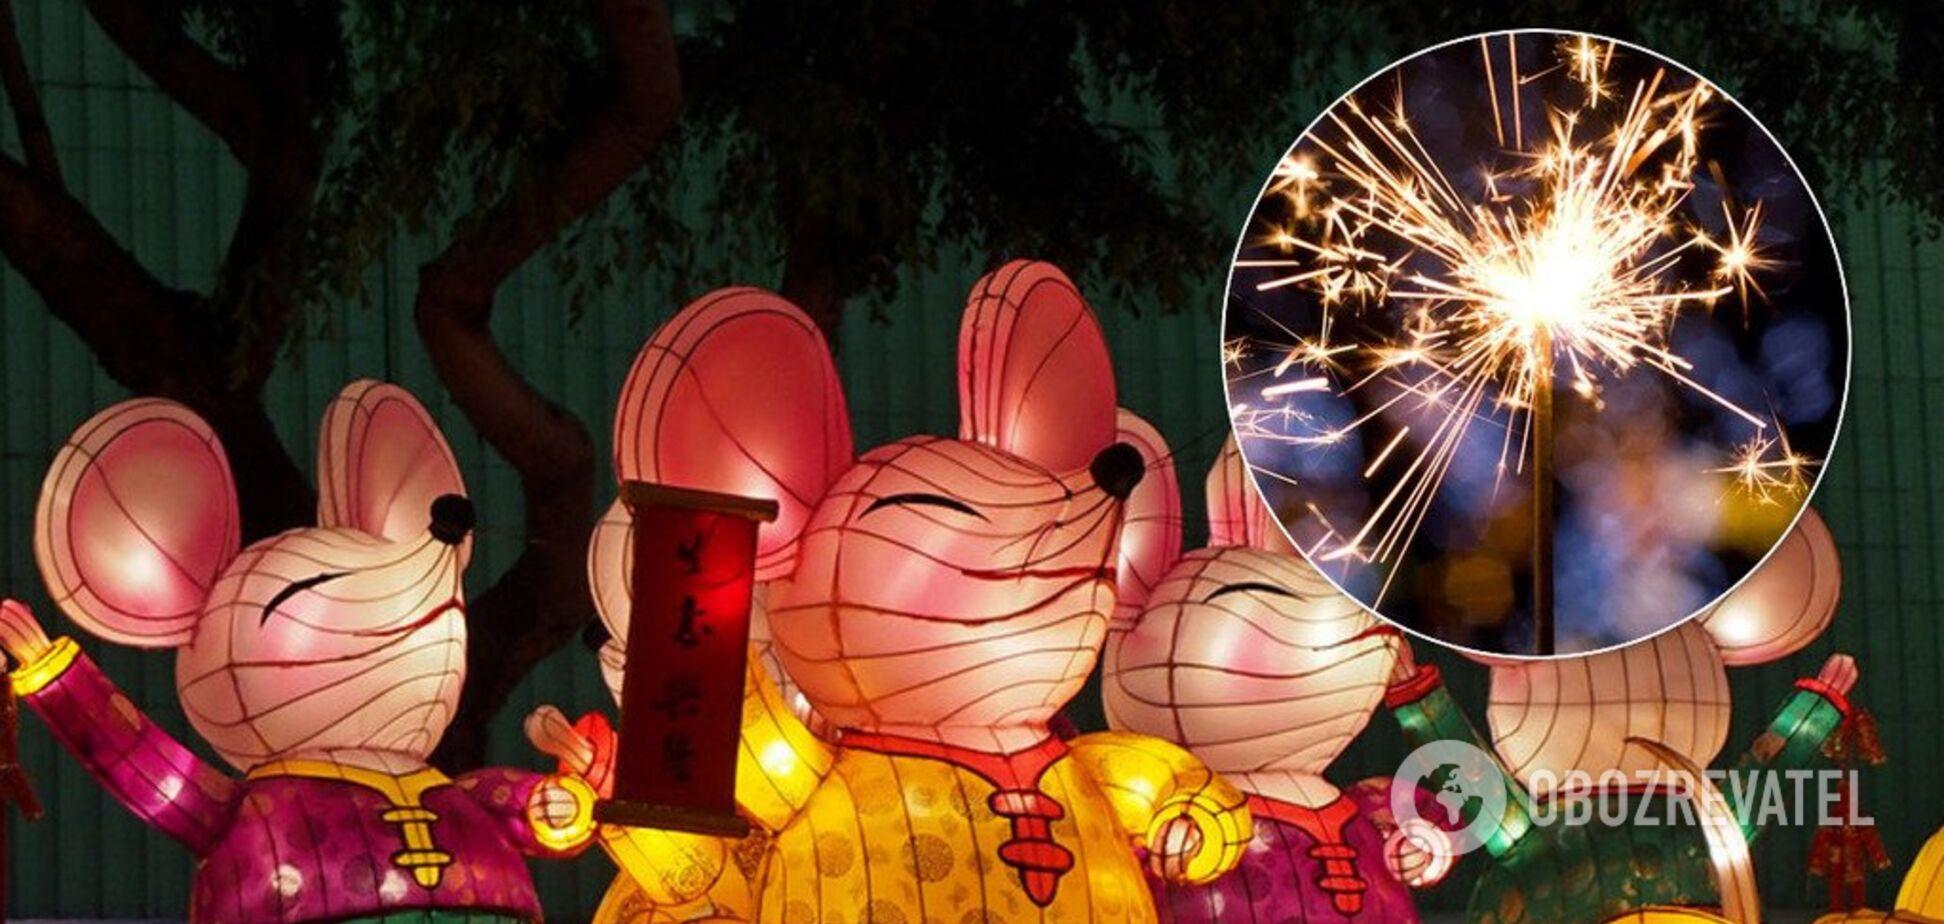 Китайский Новый год: астролог пояснил, как привлечь удачу